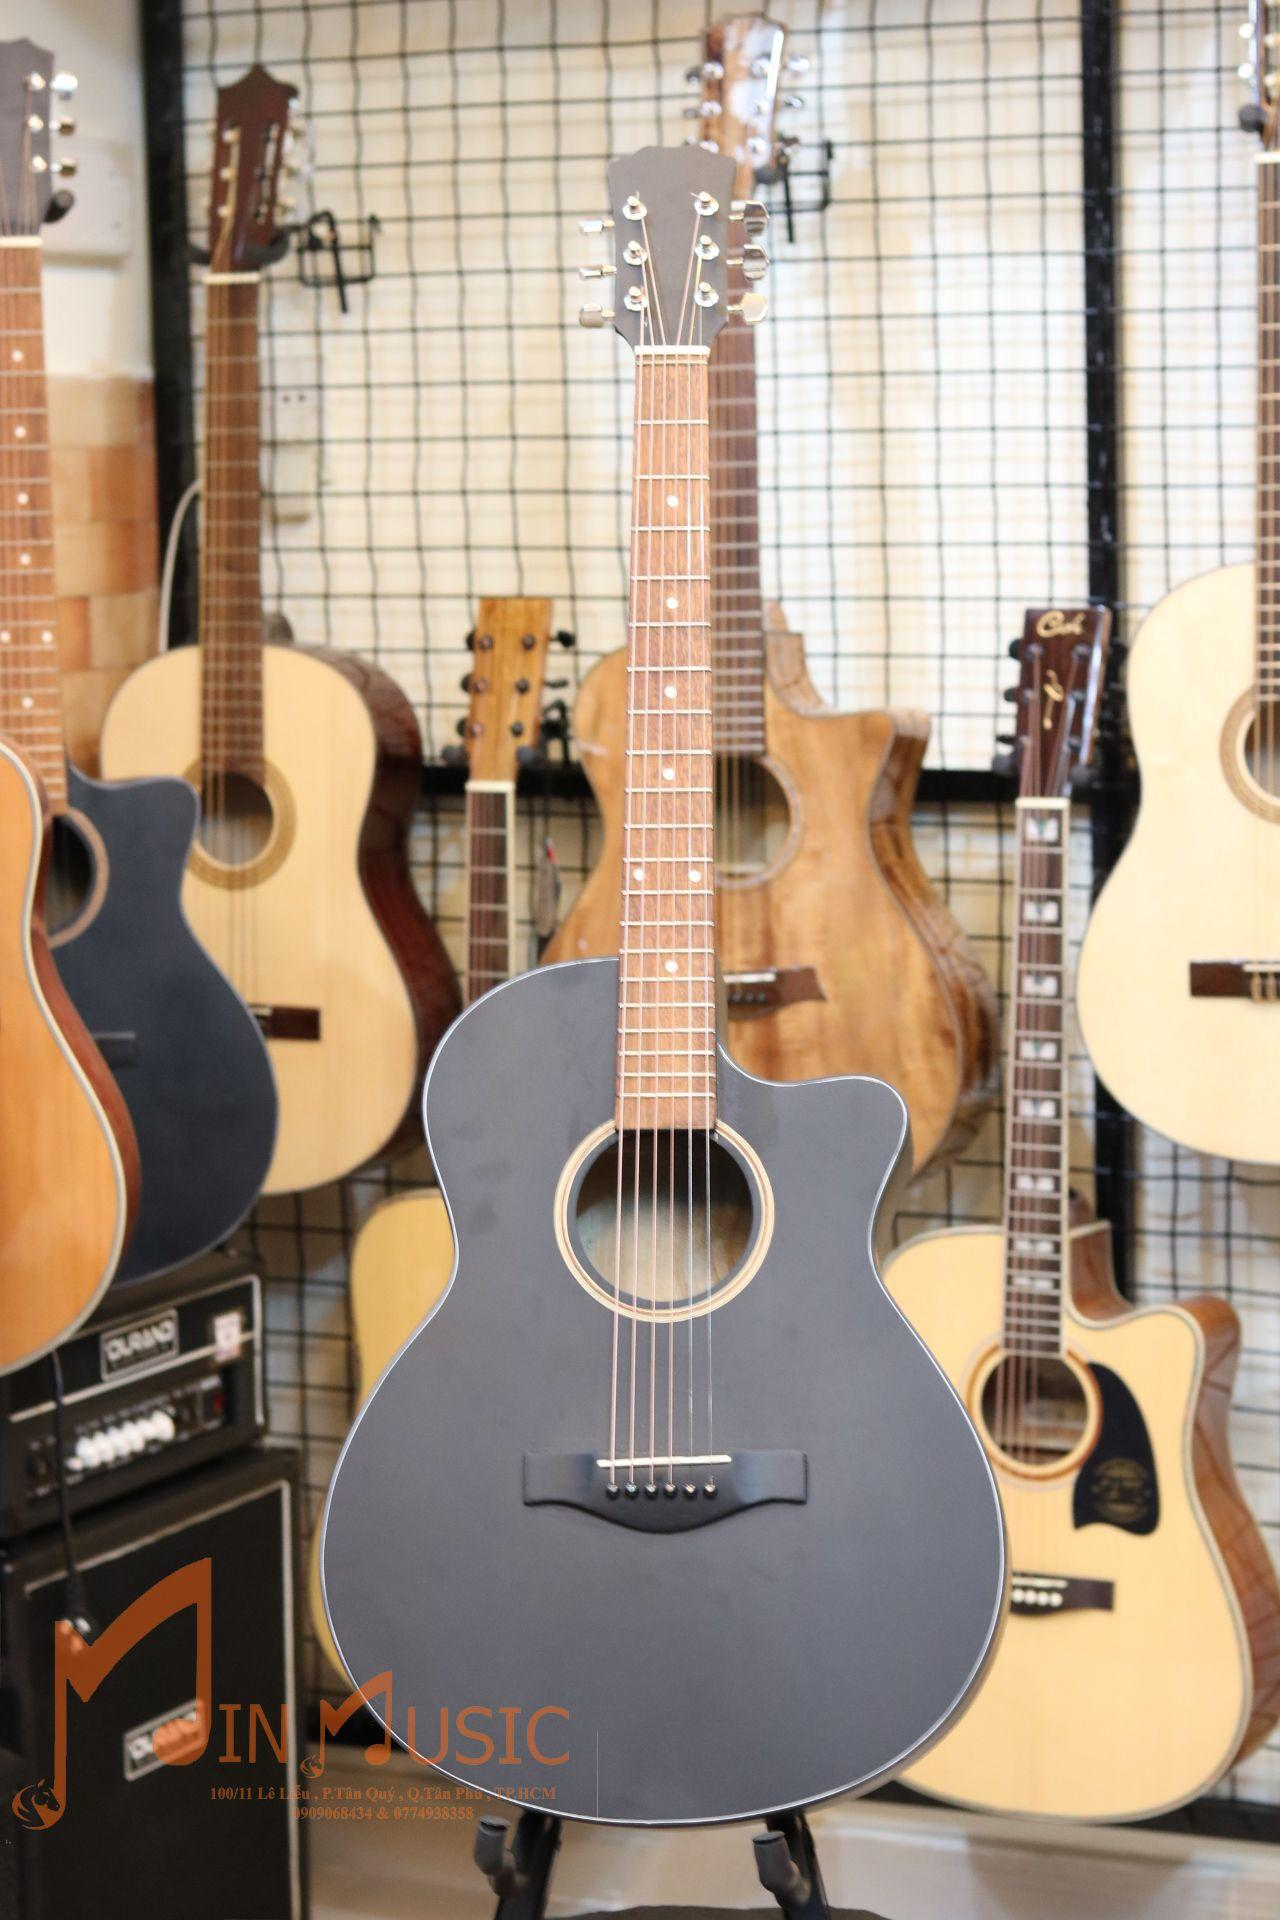 Đàn Guitar Acoustic M300 [Dành Cho Người Mới Tập Chơi] Không Thể Rẻ Hơn tại Lazada